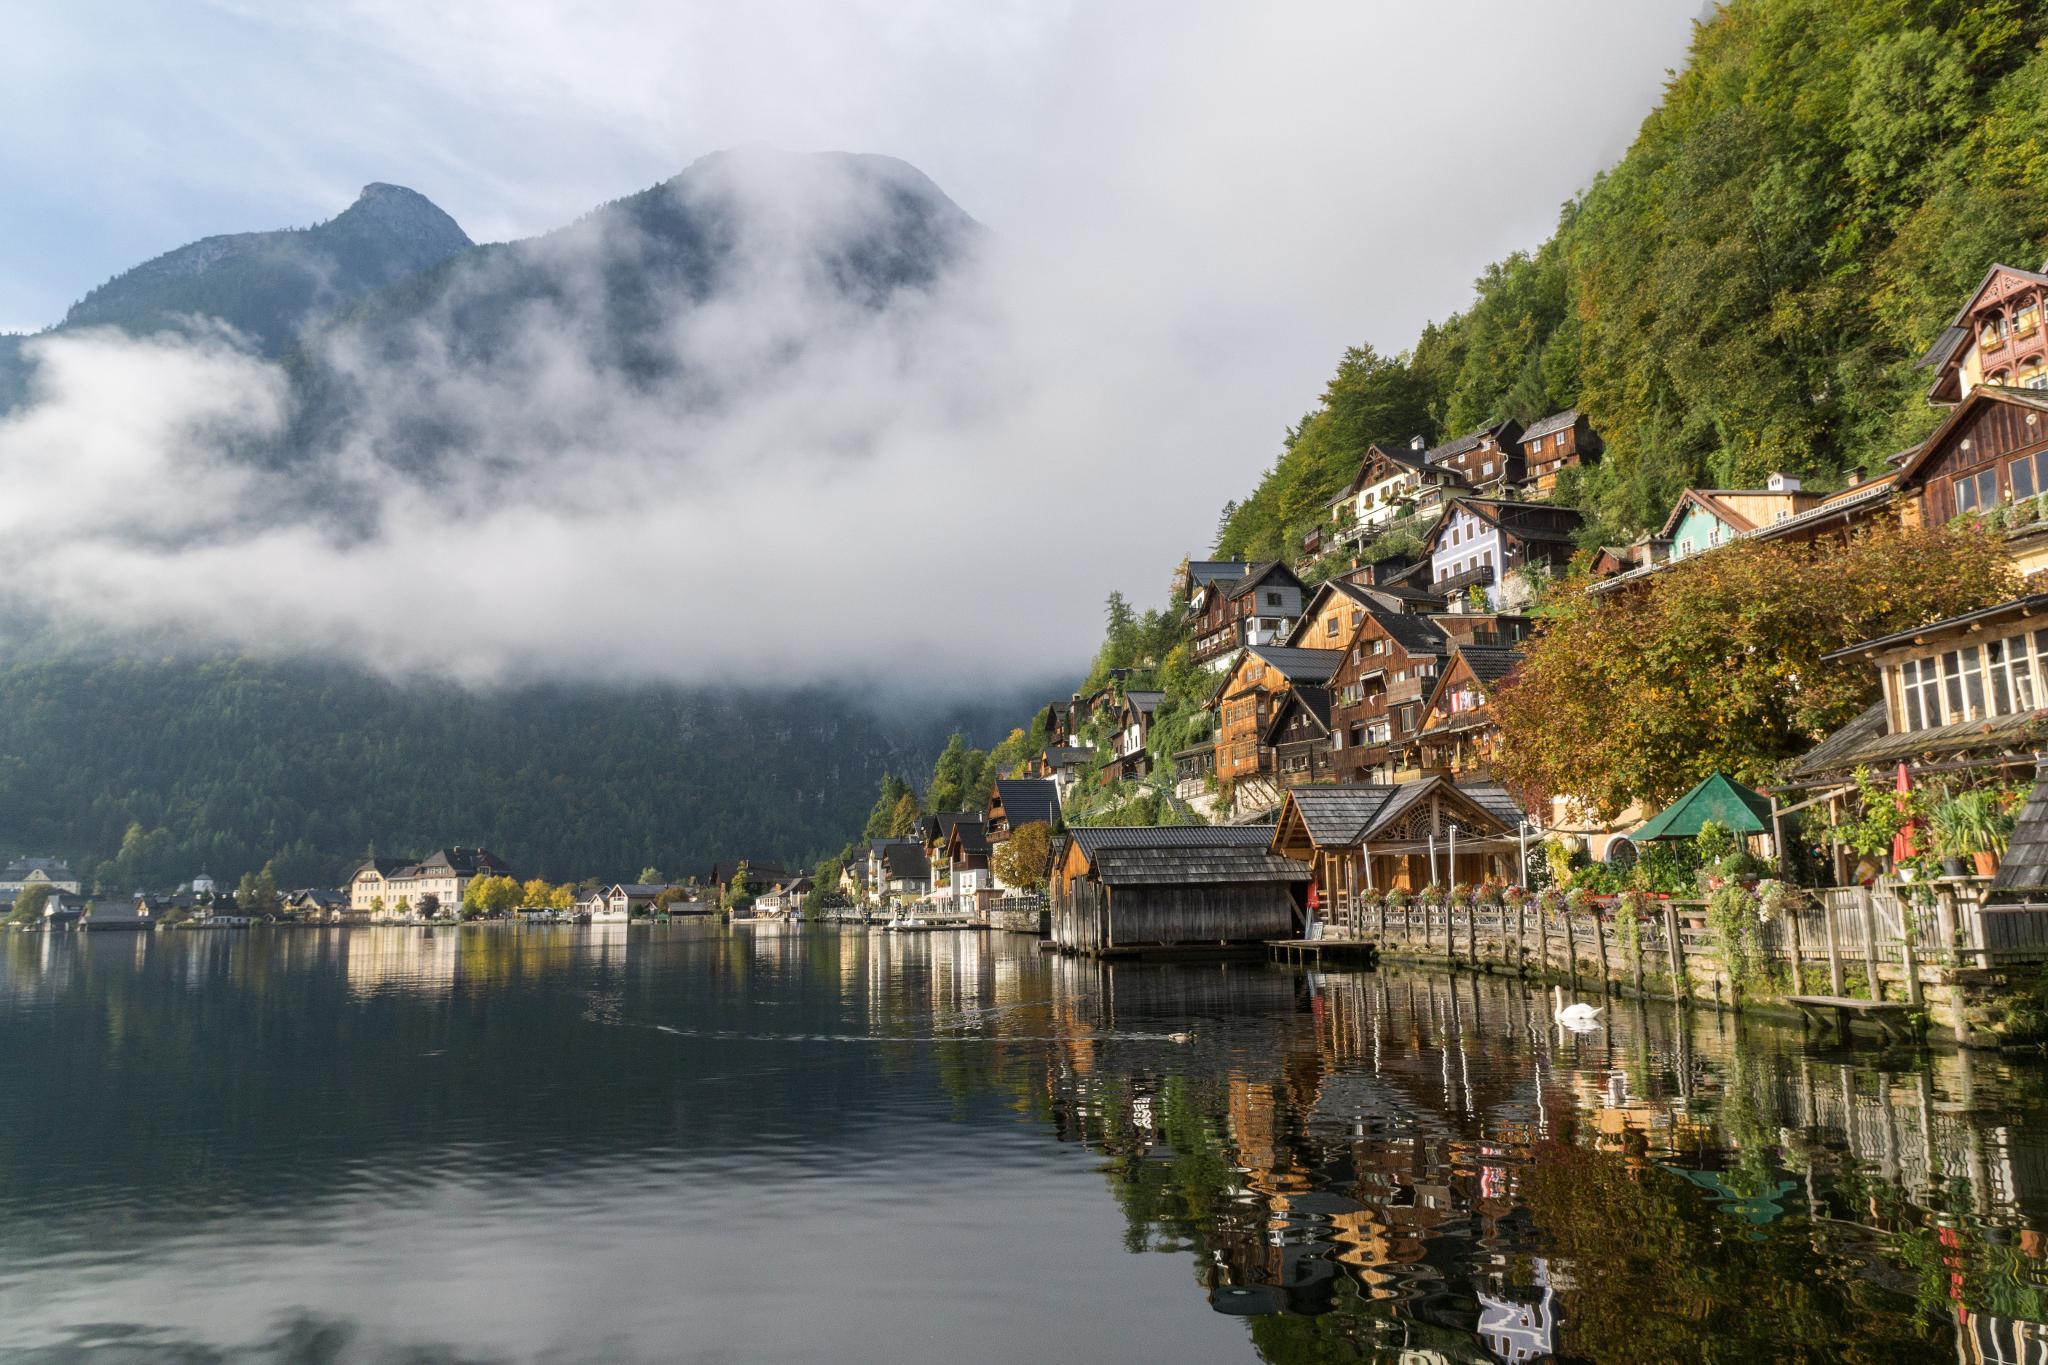 【奧地利】童話仙境 Hallstatt 哈修塔特 — 追逐世界遺產小鎮的夢幻黃金日出 20